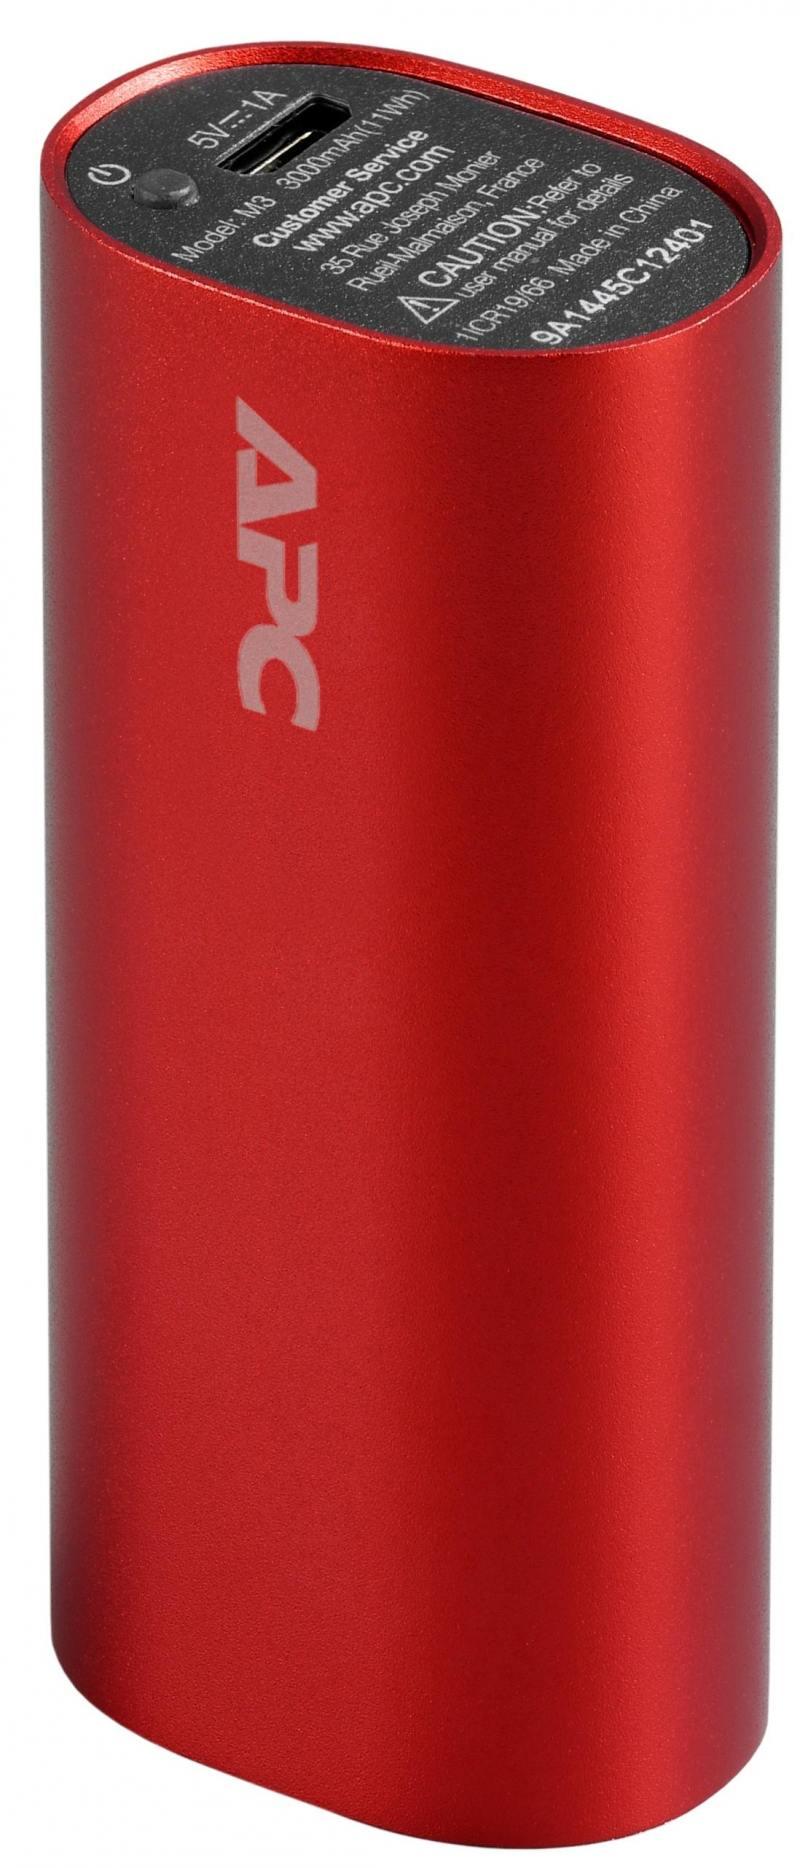 Портативное зарядное устройство APC Mobile Power Pack 3000mAh Li-polymer 1А красный M3RD-EC